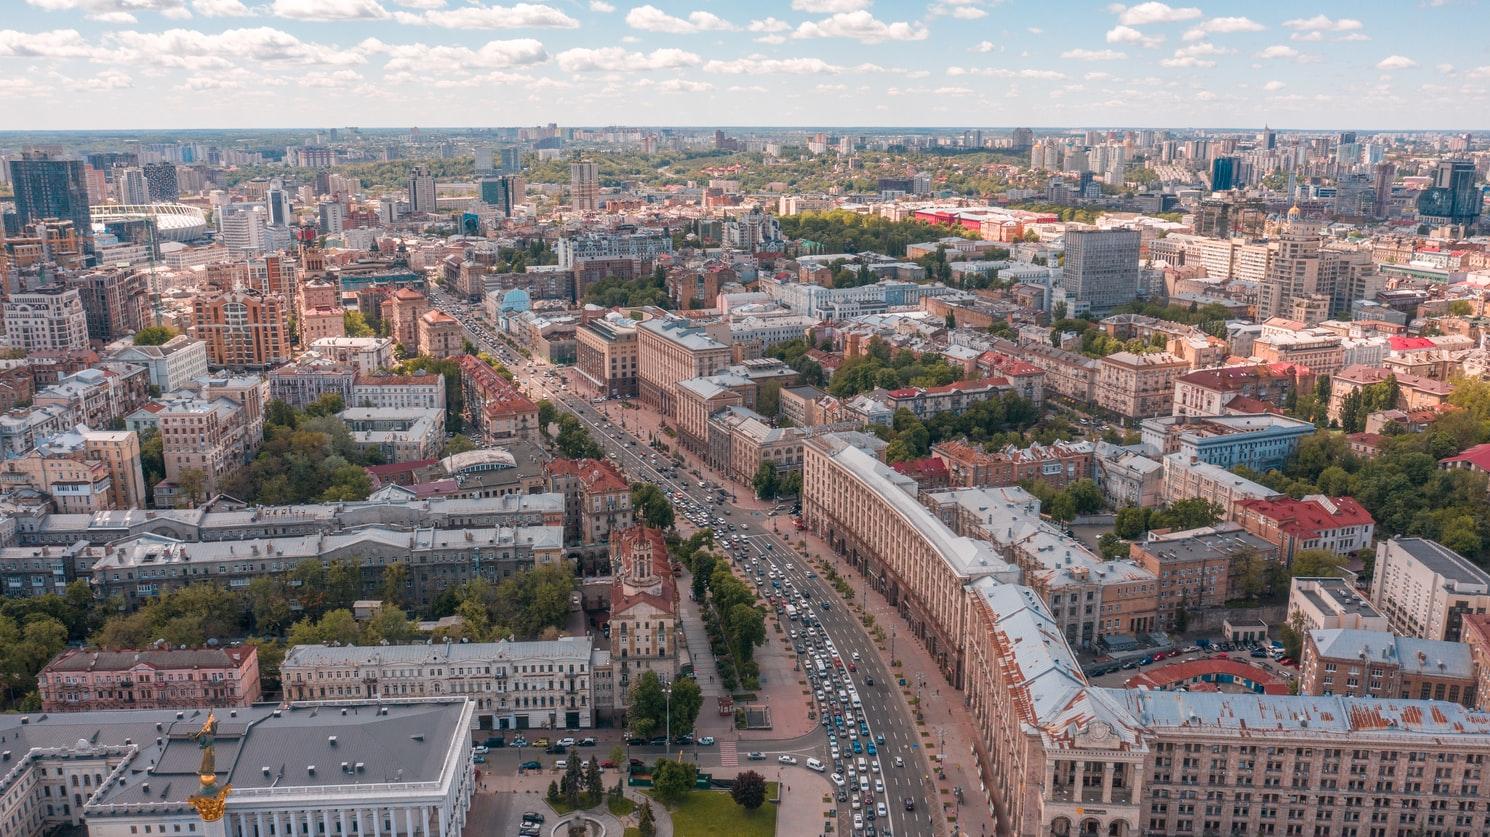 Oekraïne-kyiv